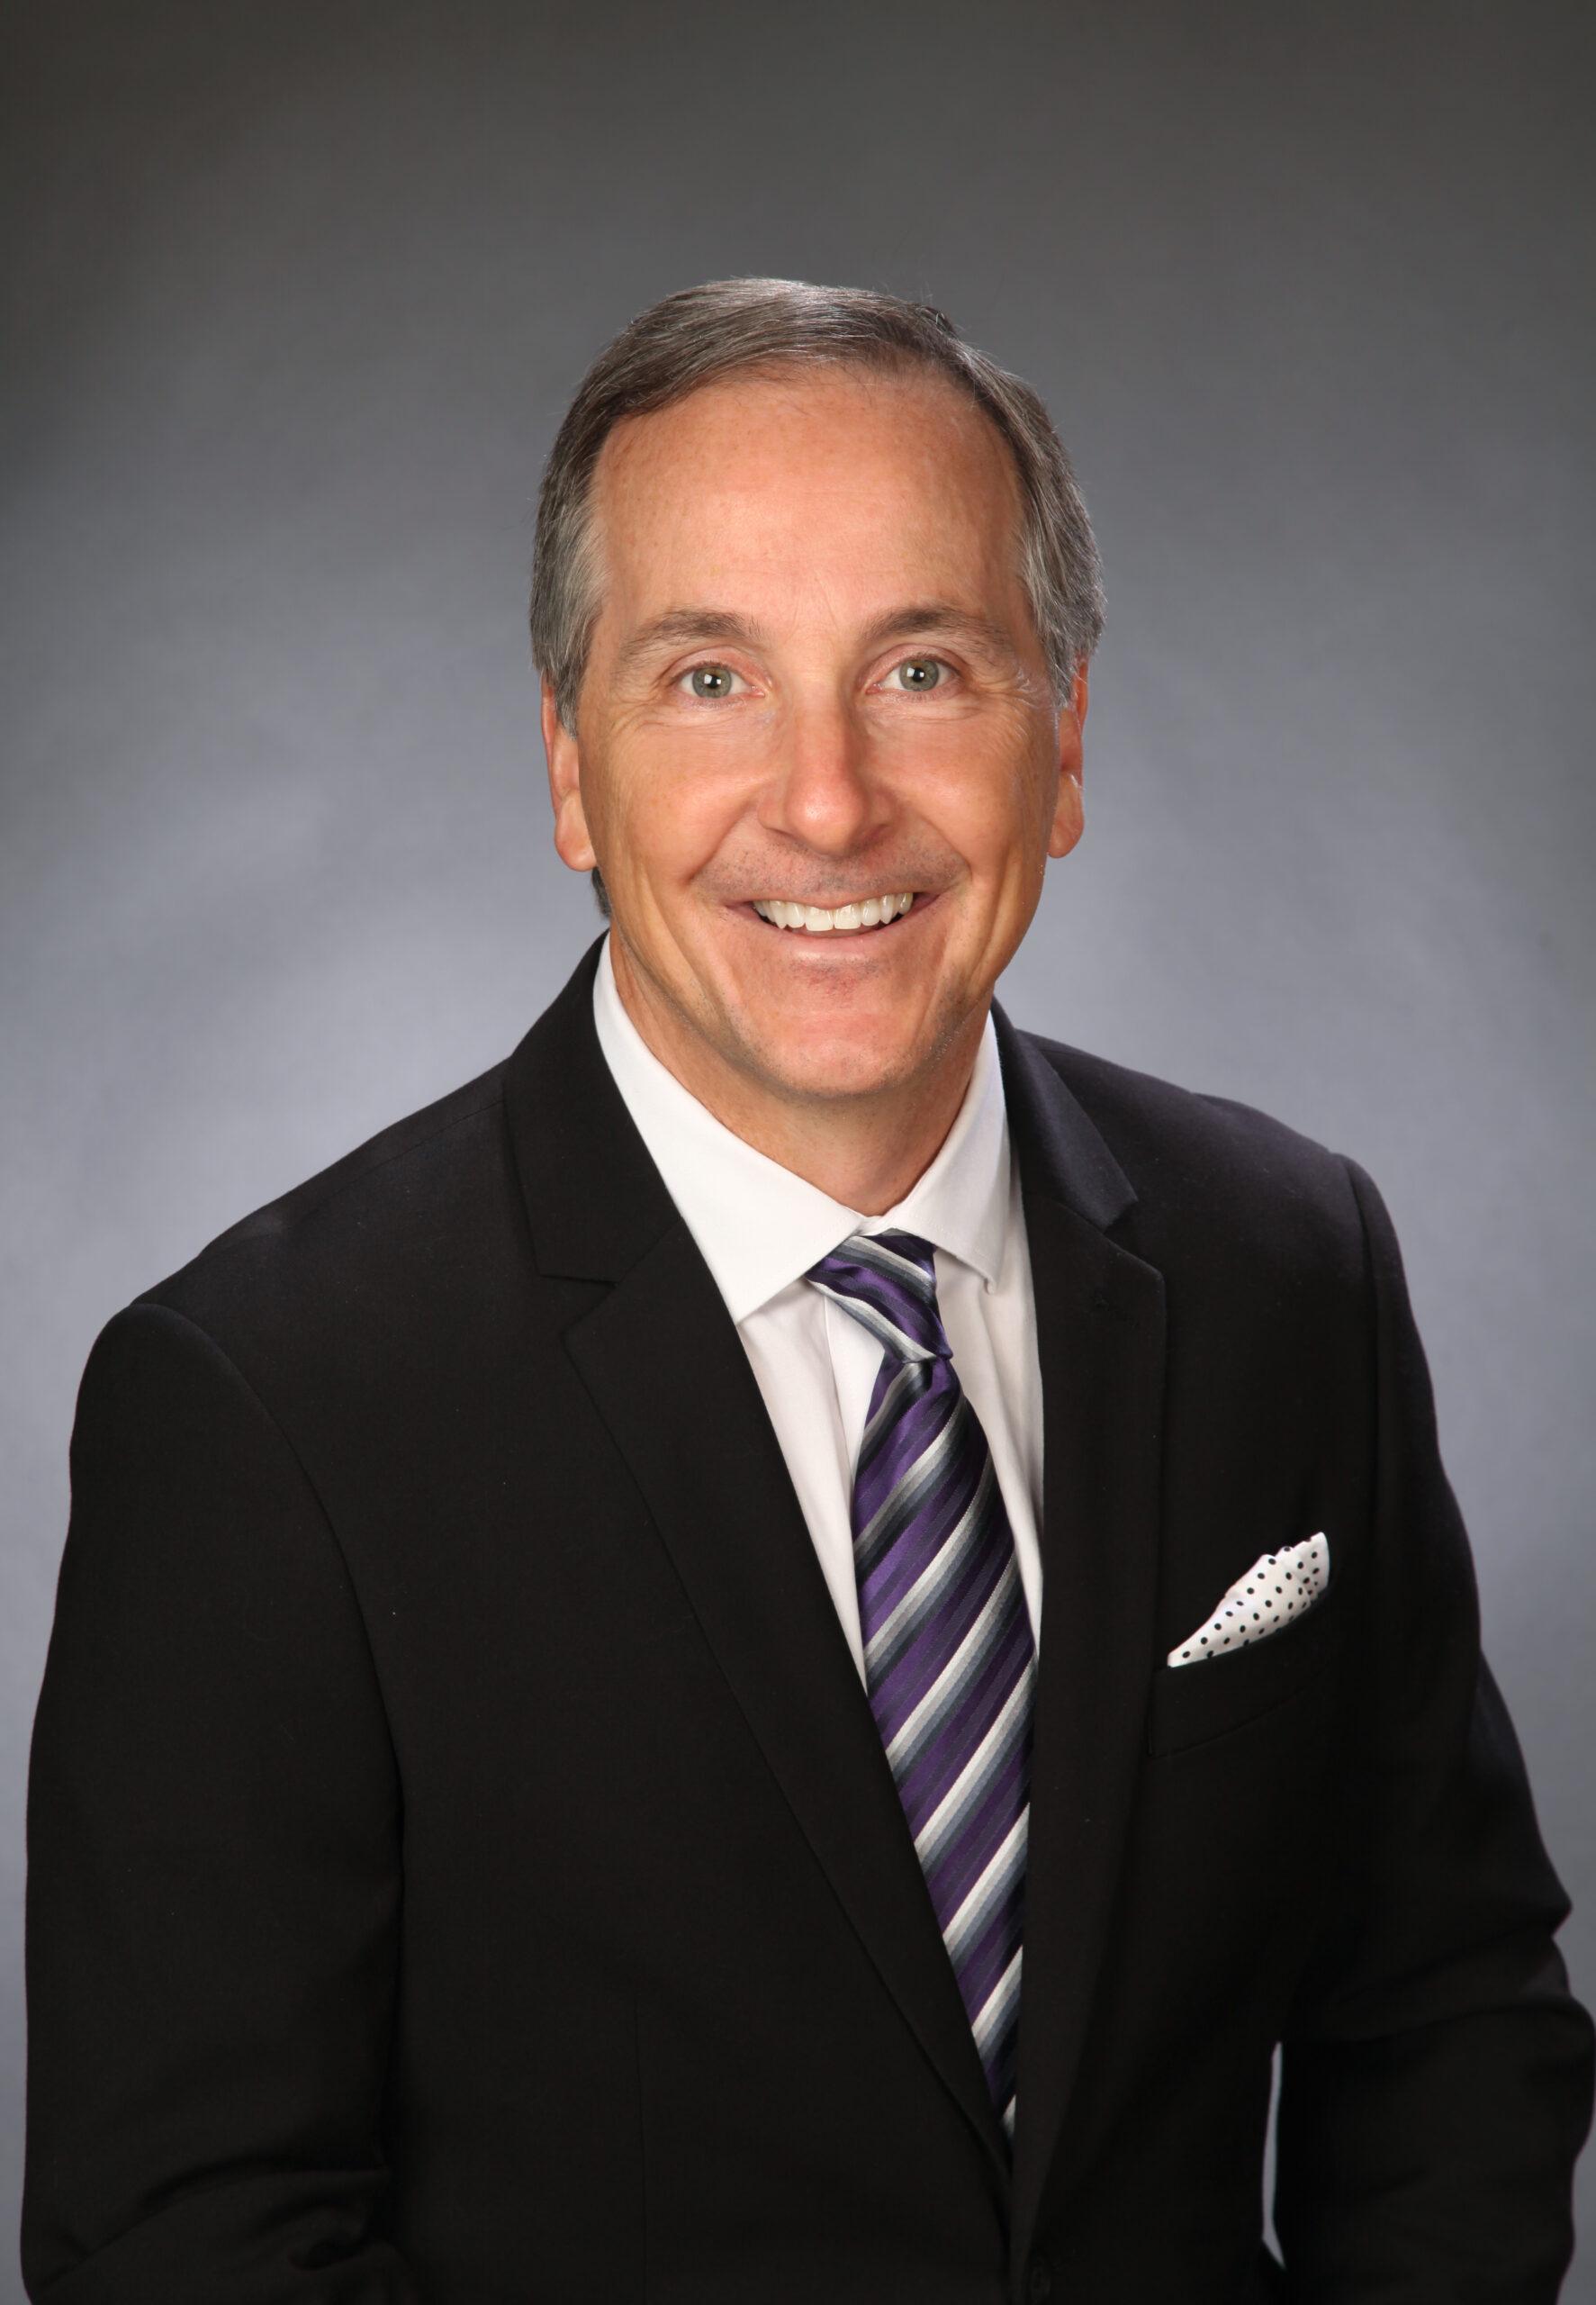 Brian Battaglia